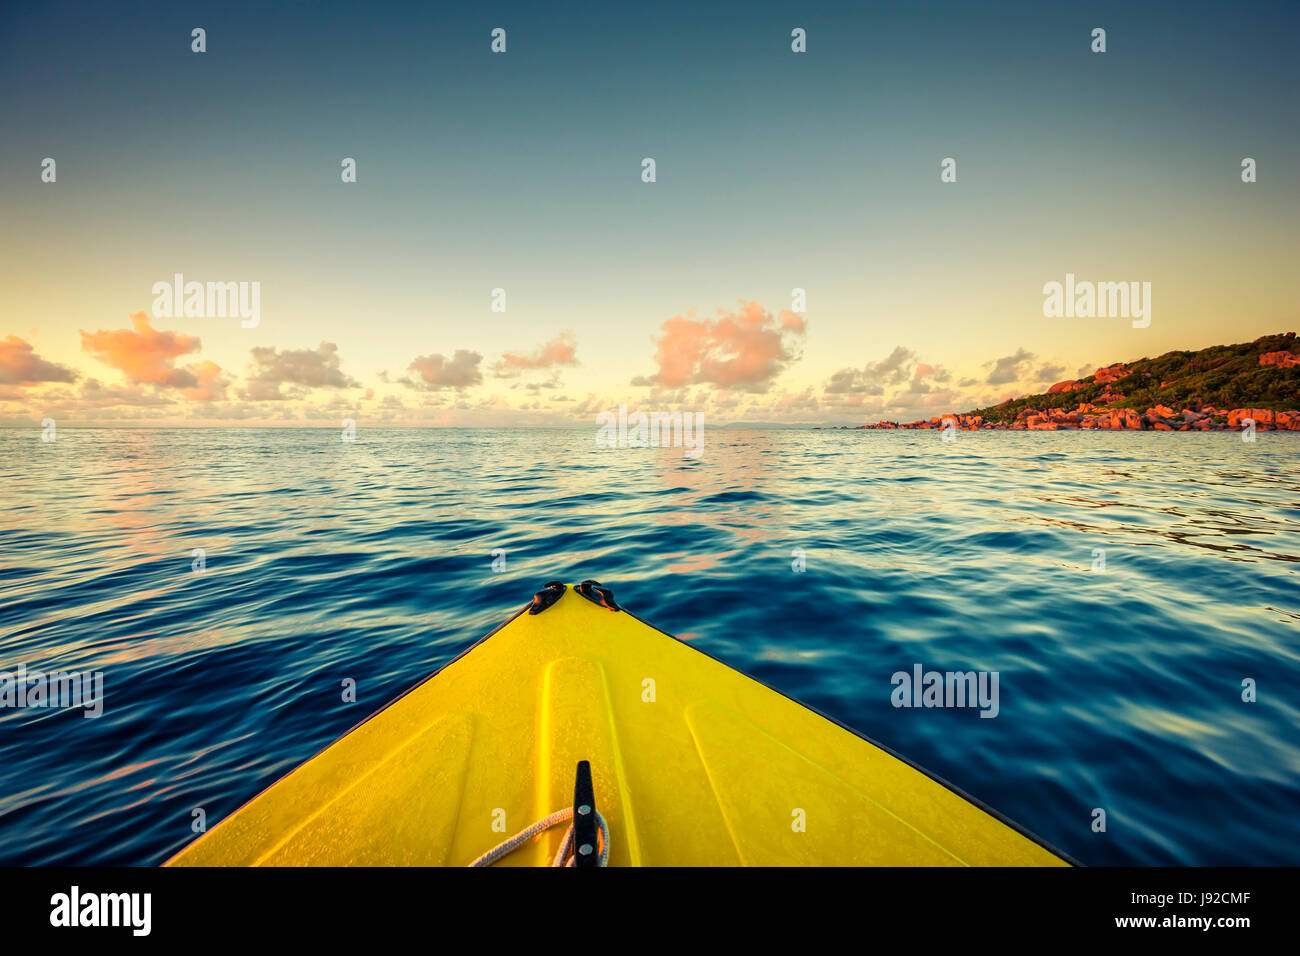 La voile sur le bateau jaune près de l'île de La Digue, Seychelles Banque D'Images